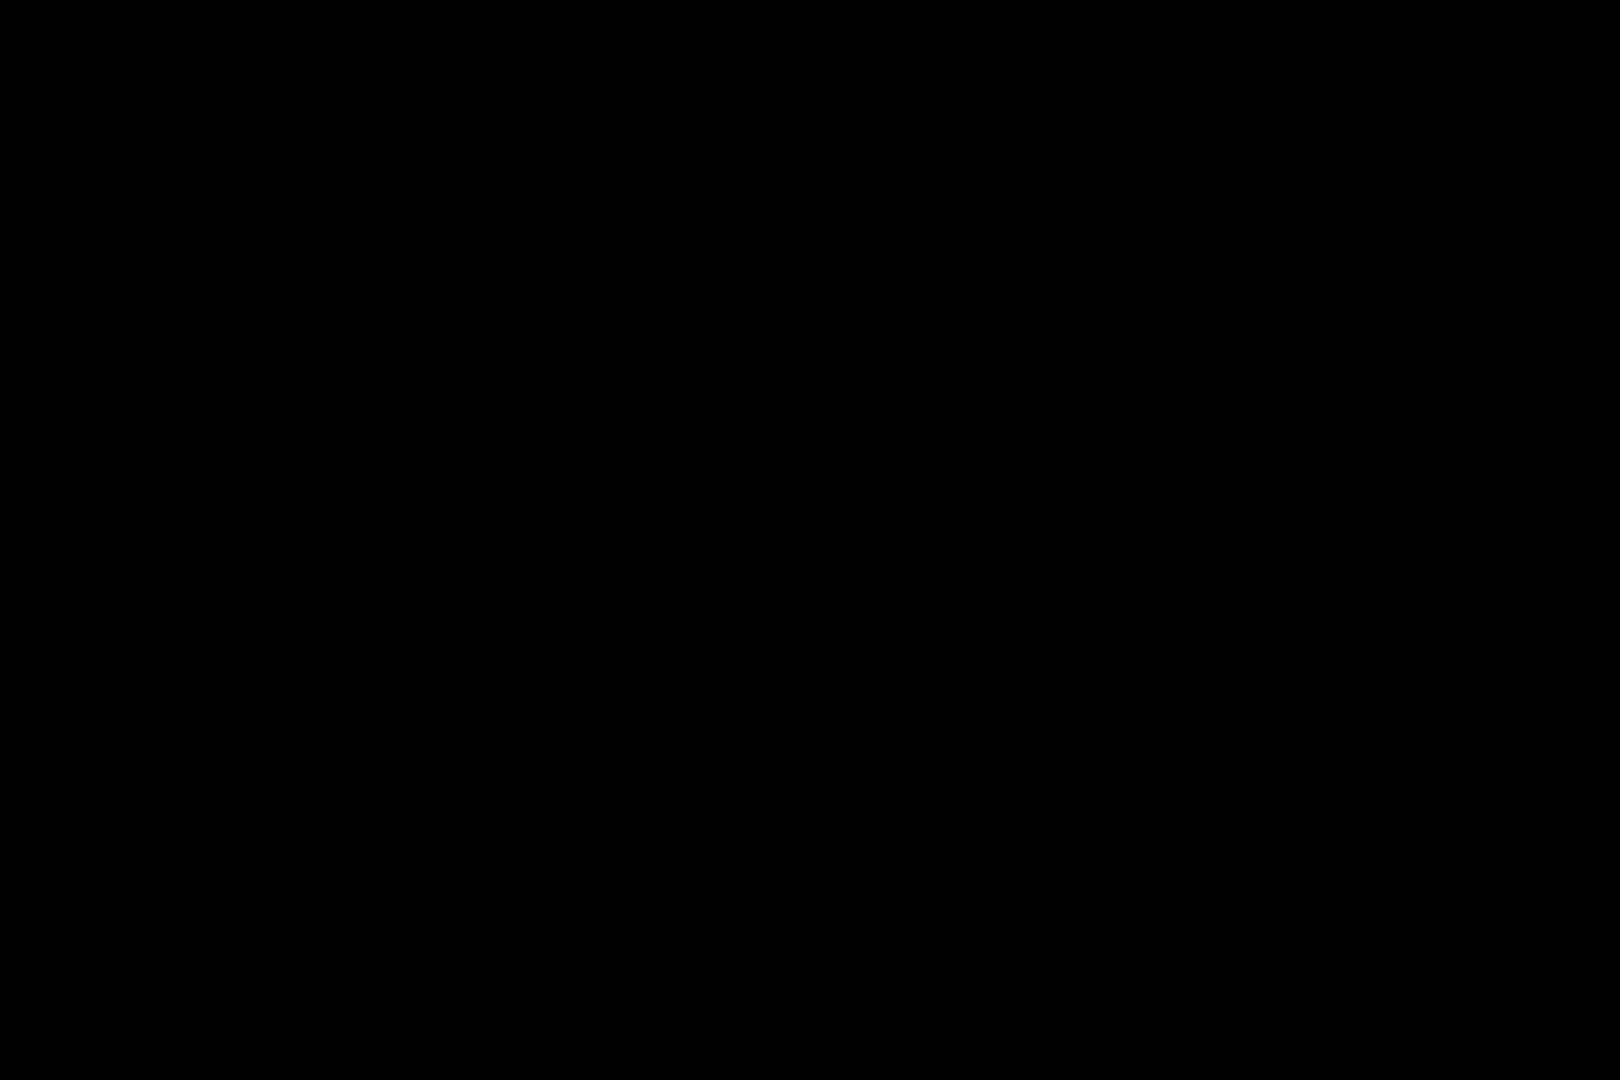 充血監督の深夜の運動会Vol.218 フェラ おめこ無修正動画無料 62連発 5